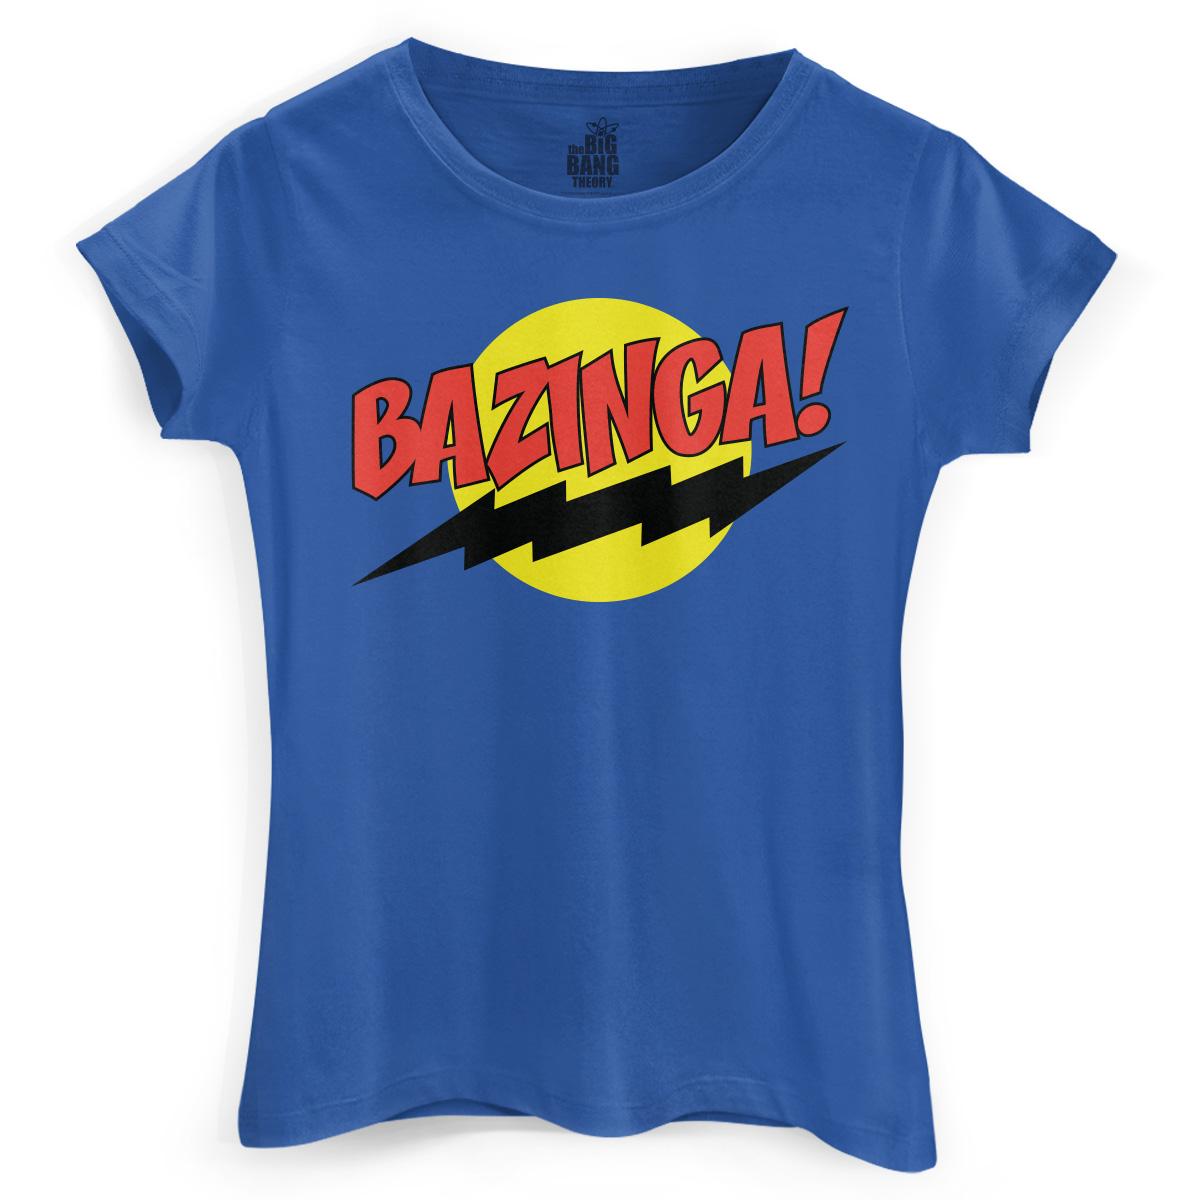 Camiseta Feminina The Big Bang Theory Bazinga!